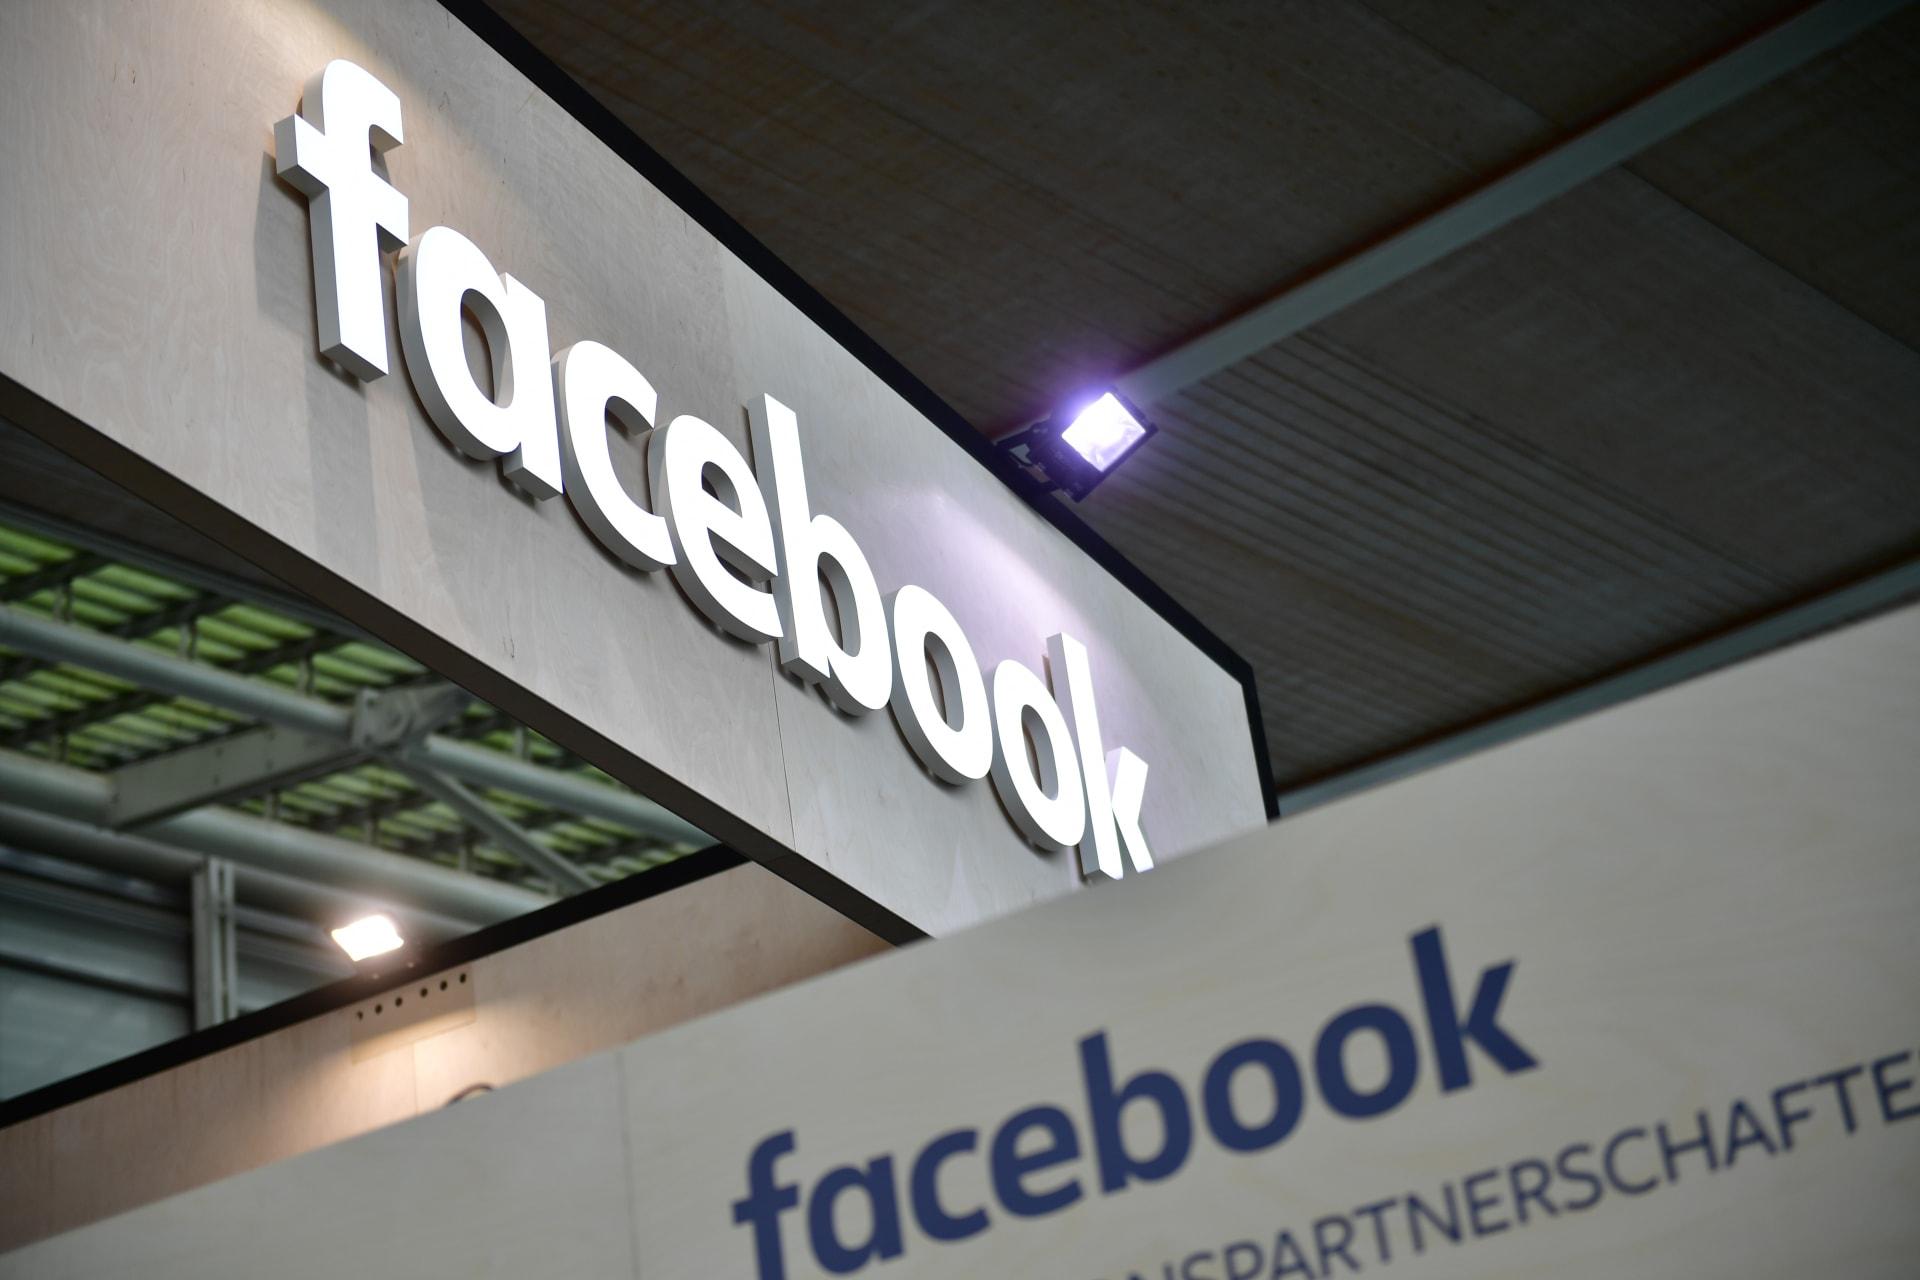 فيسبوك تحذف أكثر من 30 حسابا ارتبطوا بروسيا قبل انتخابات 2016